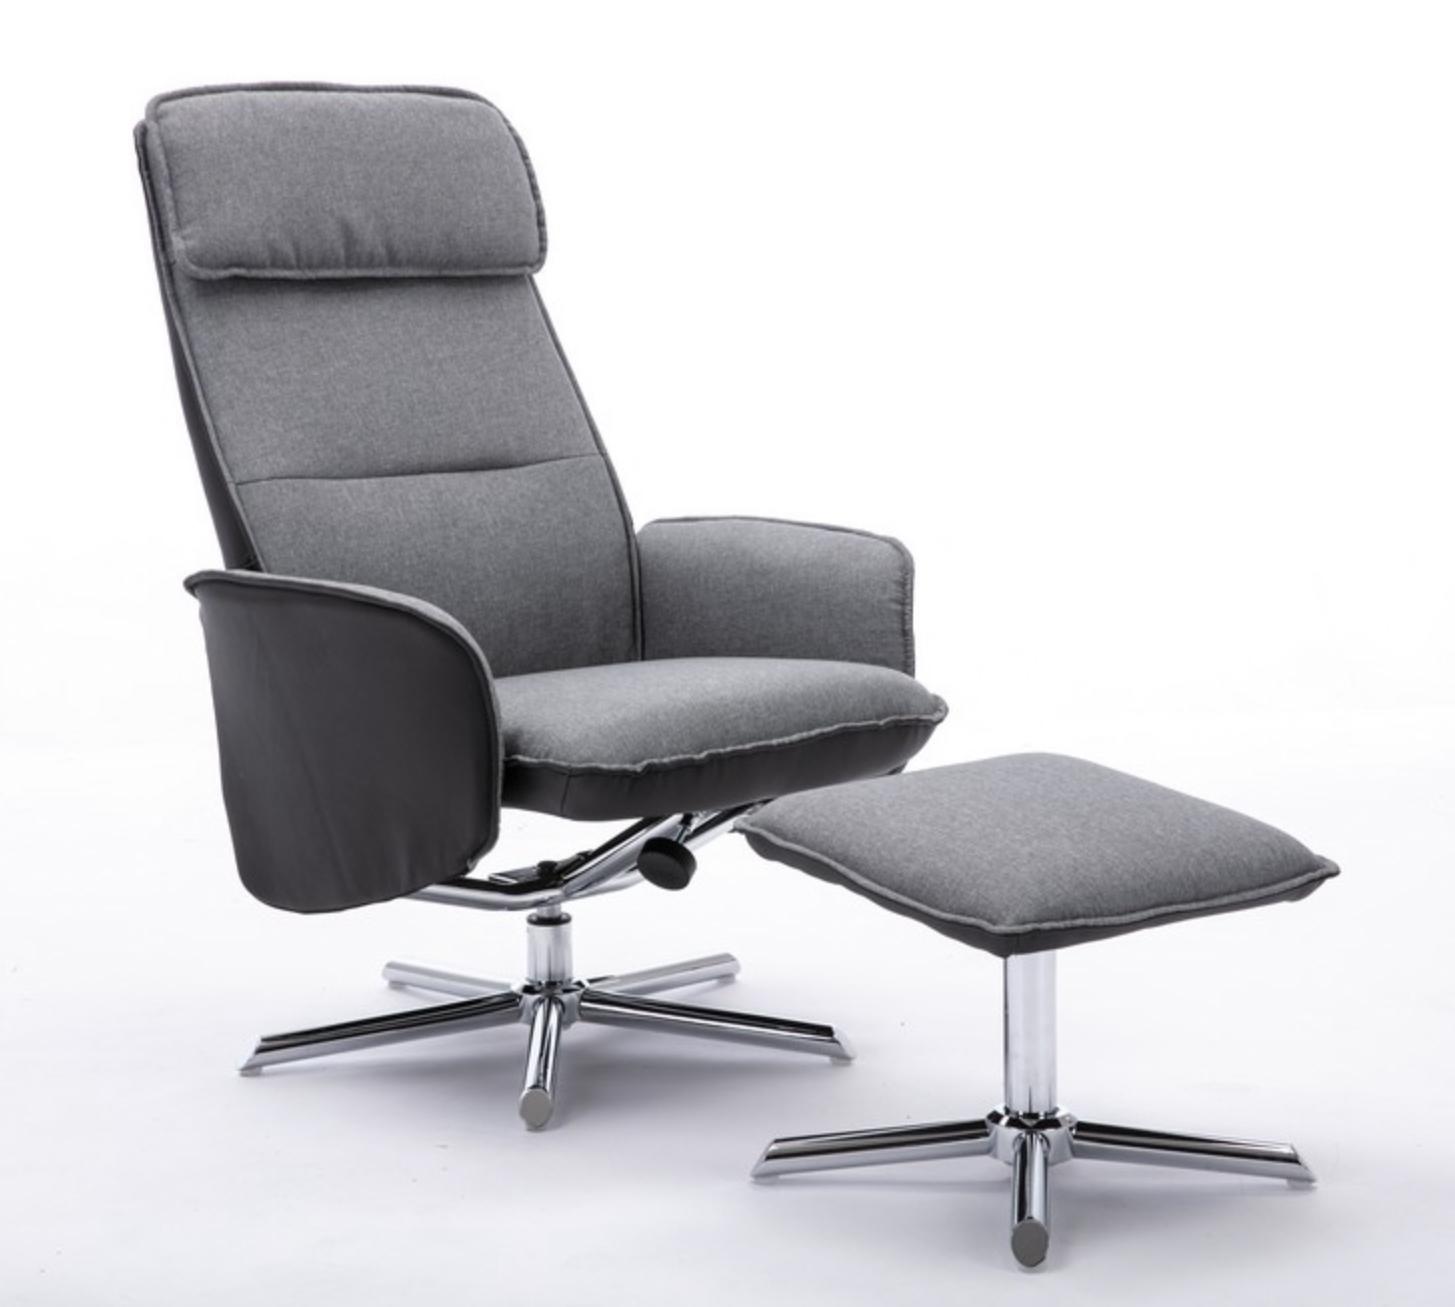 Happy Home Relaxsessel mit Hocker grau für 88,39€ inkl. Versandkosten